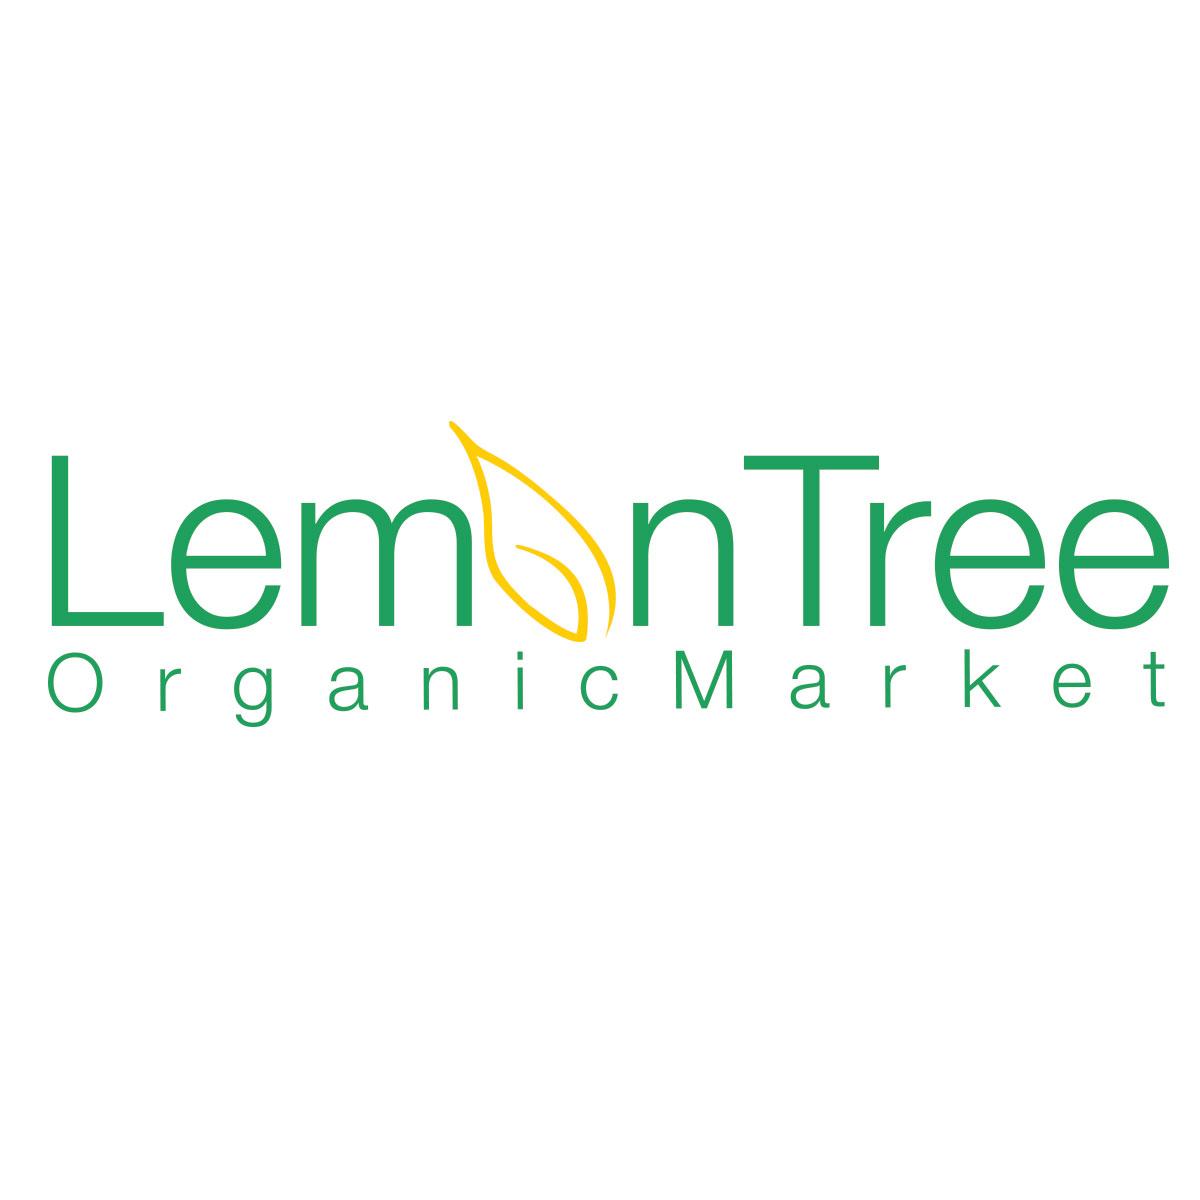 Lemmon Tree Organic Market